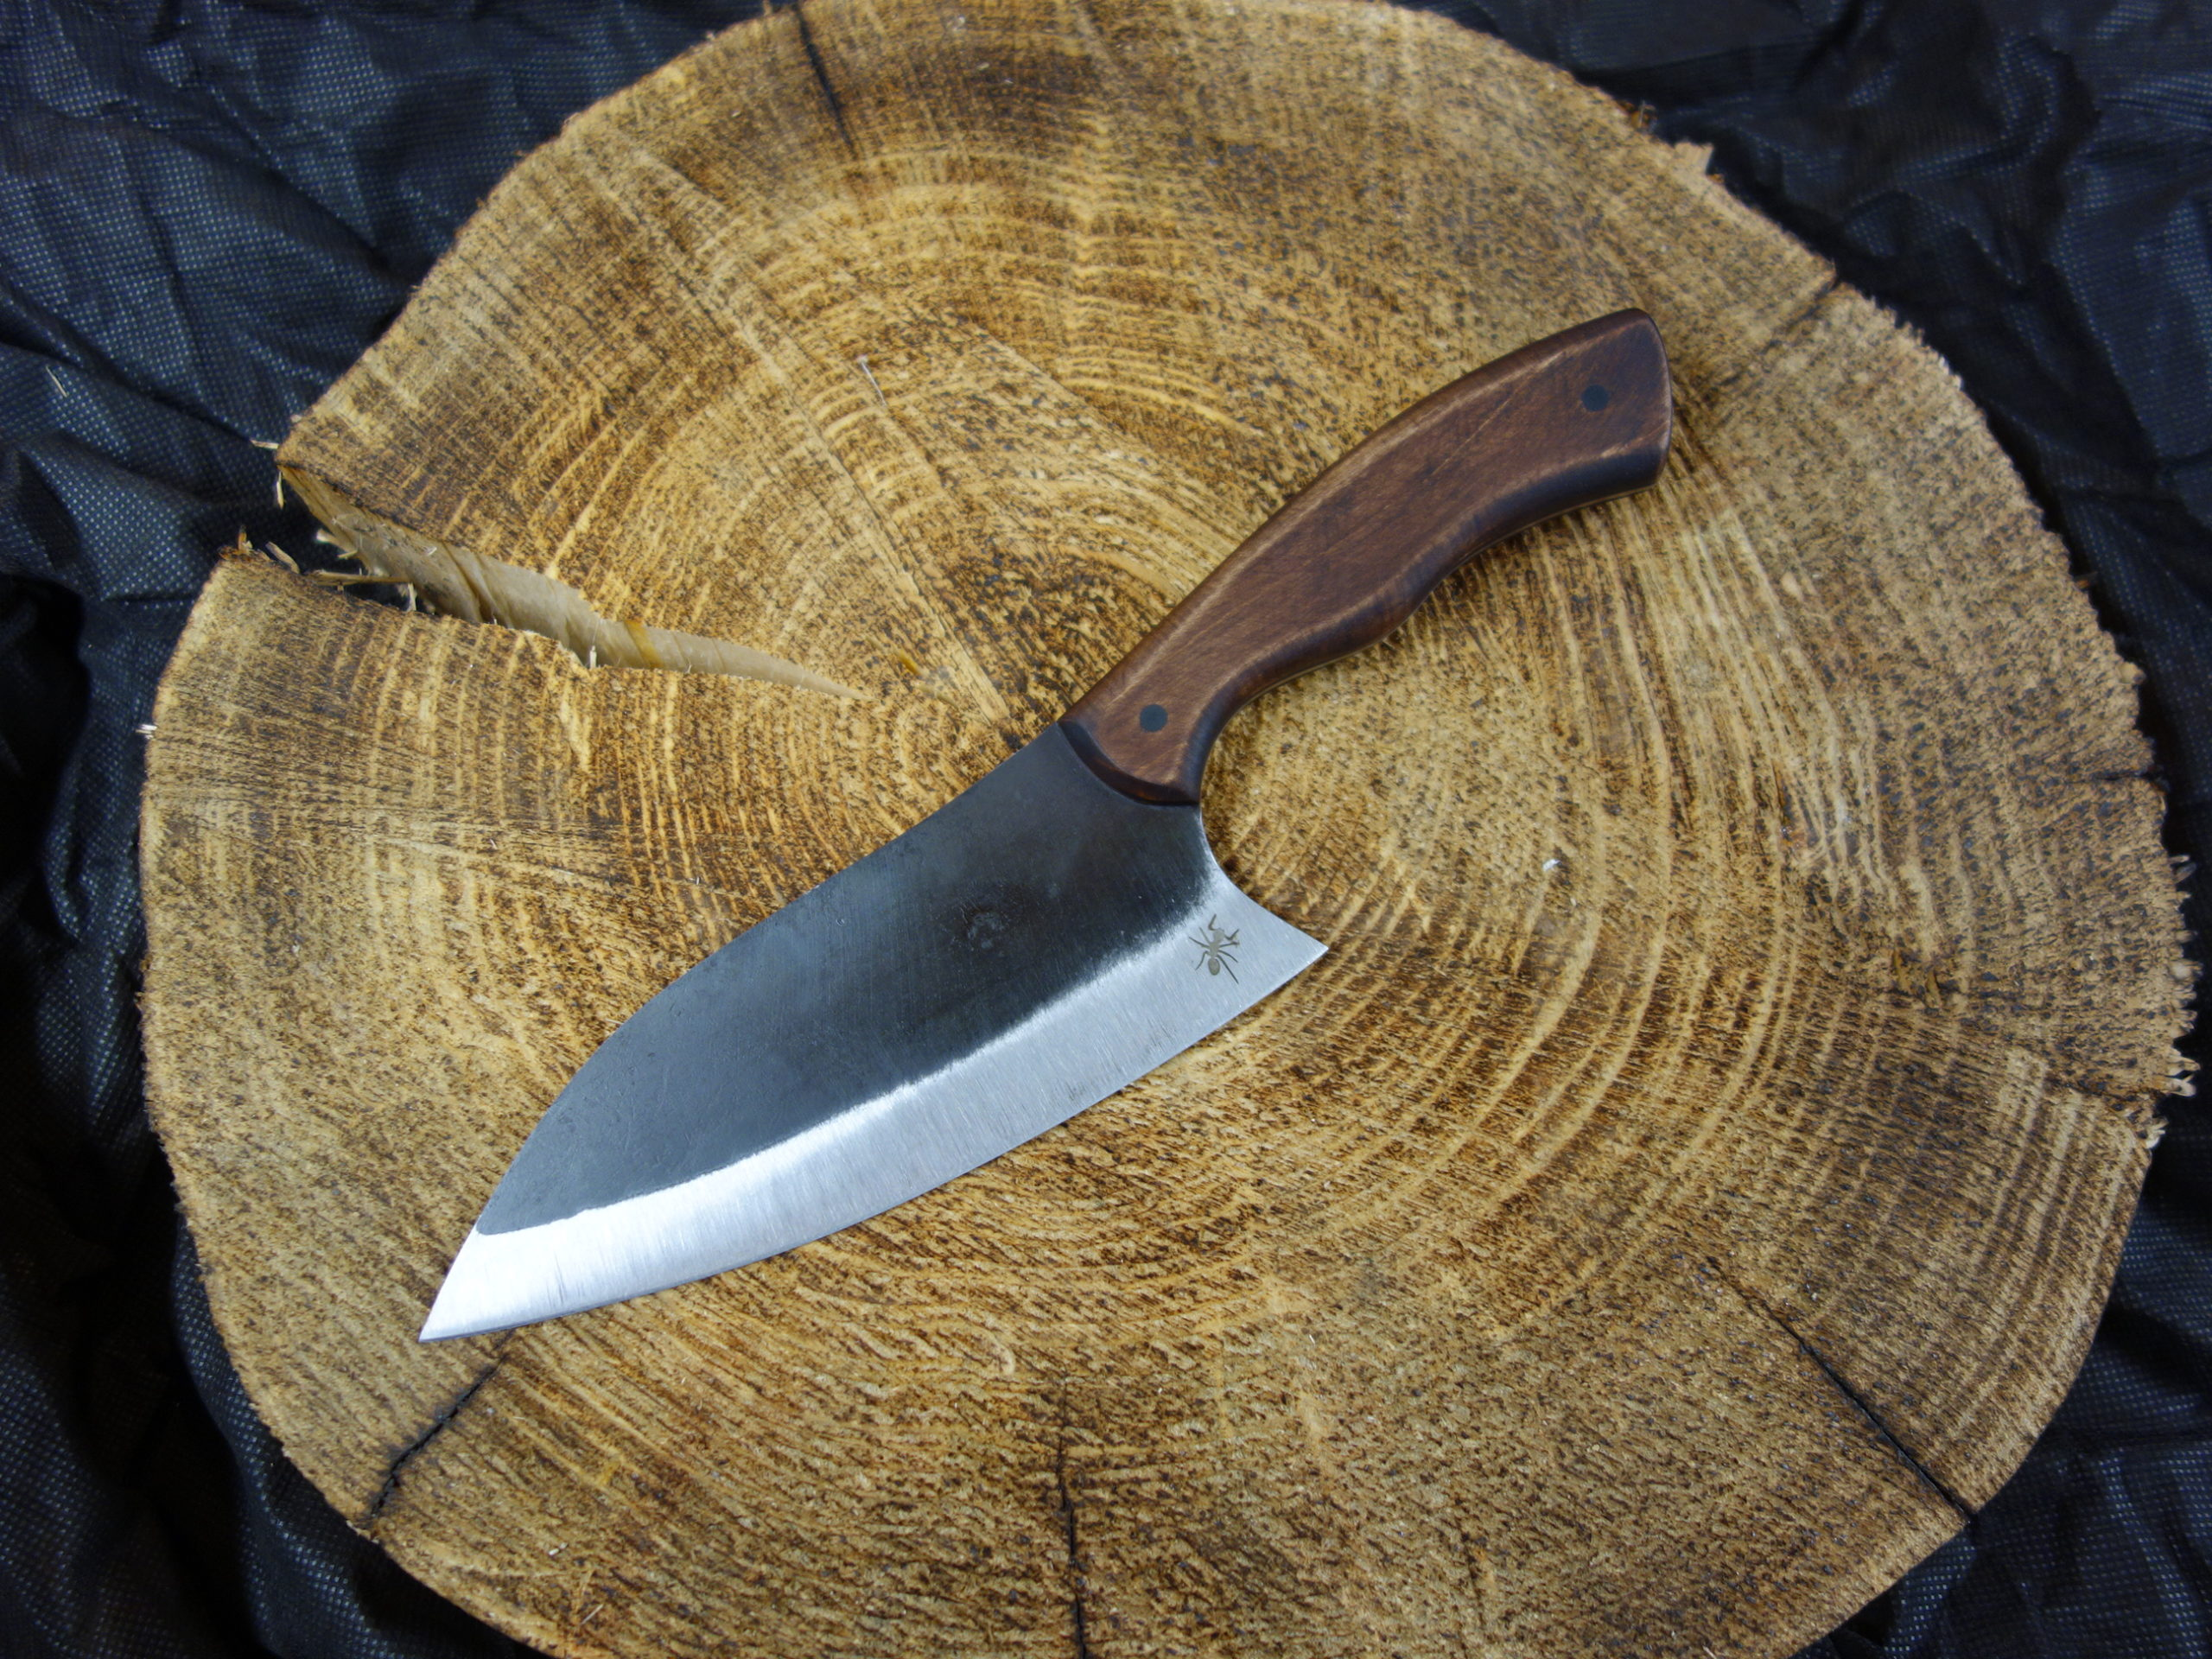 SHOK 562 Kitchen knife